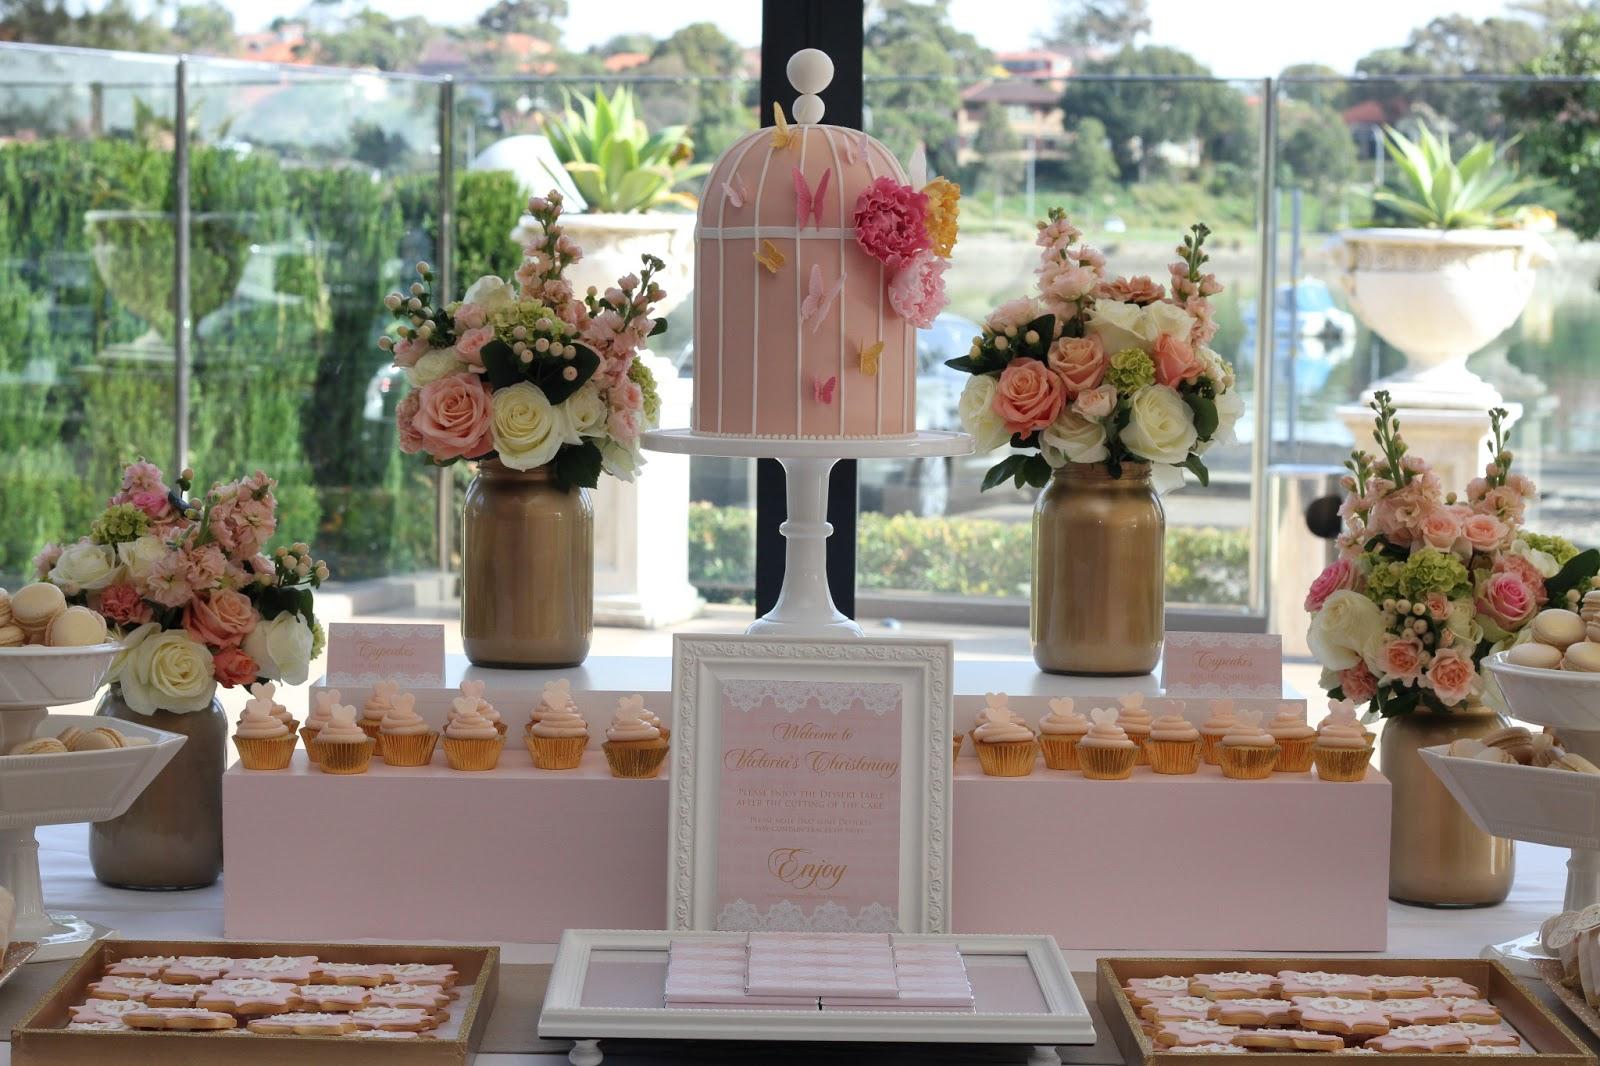 mesa-de-bolo-e-doces-bride2bride 01